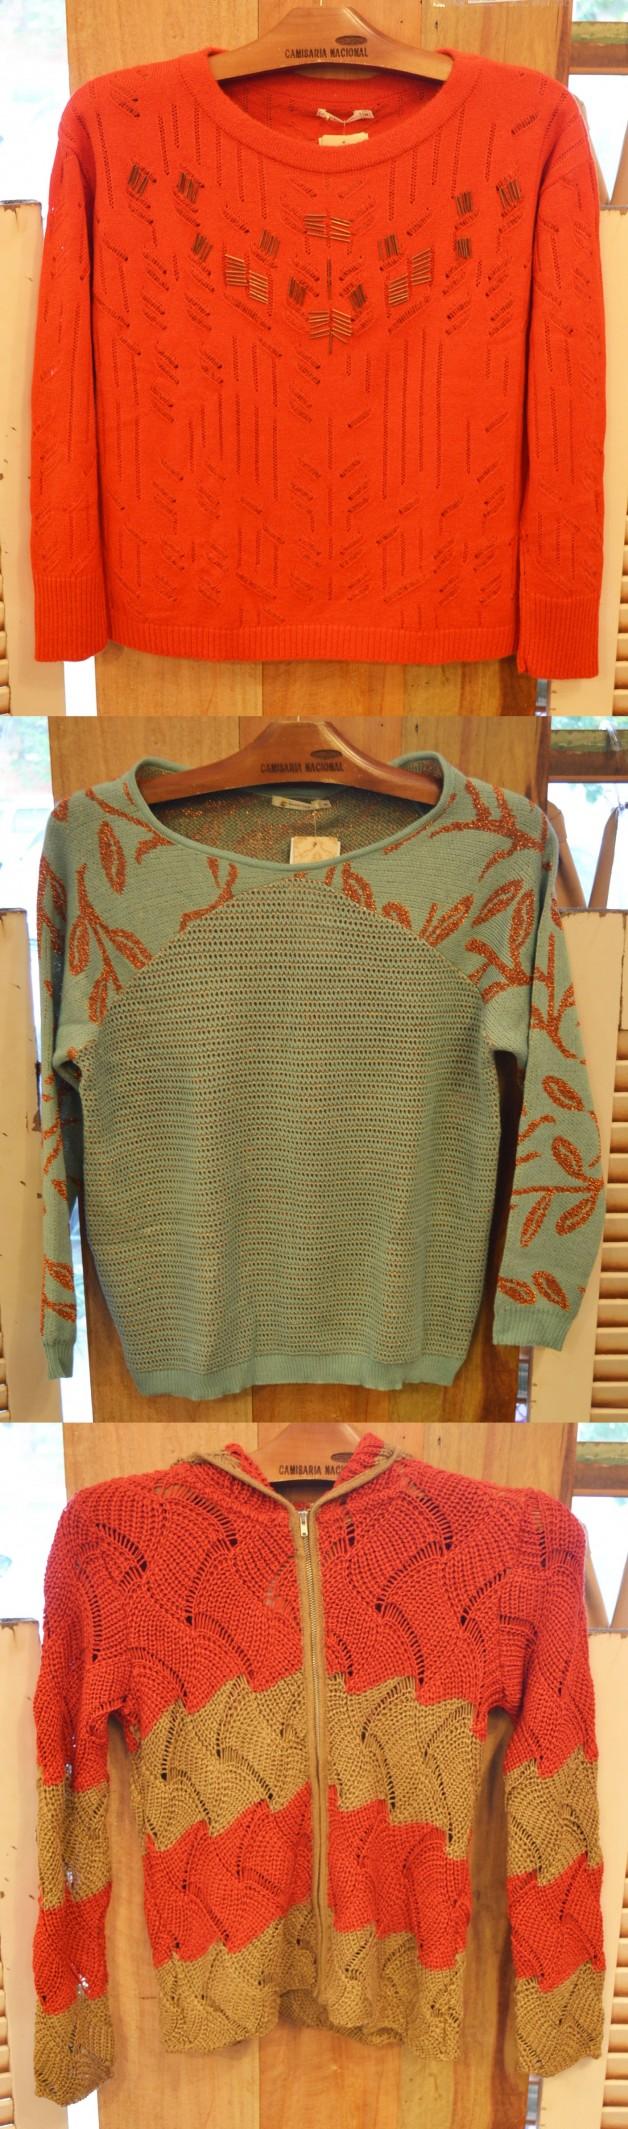 tricot-maria-xipaya-dia-dos-namorados-blog-carola-duarte